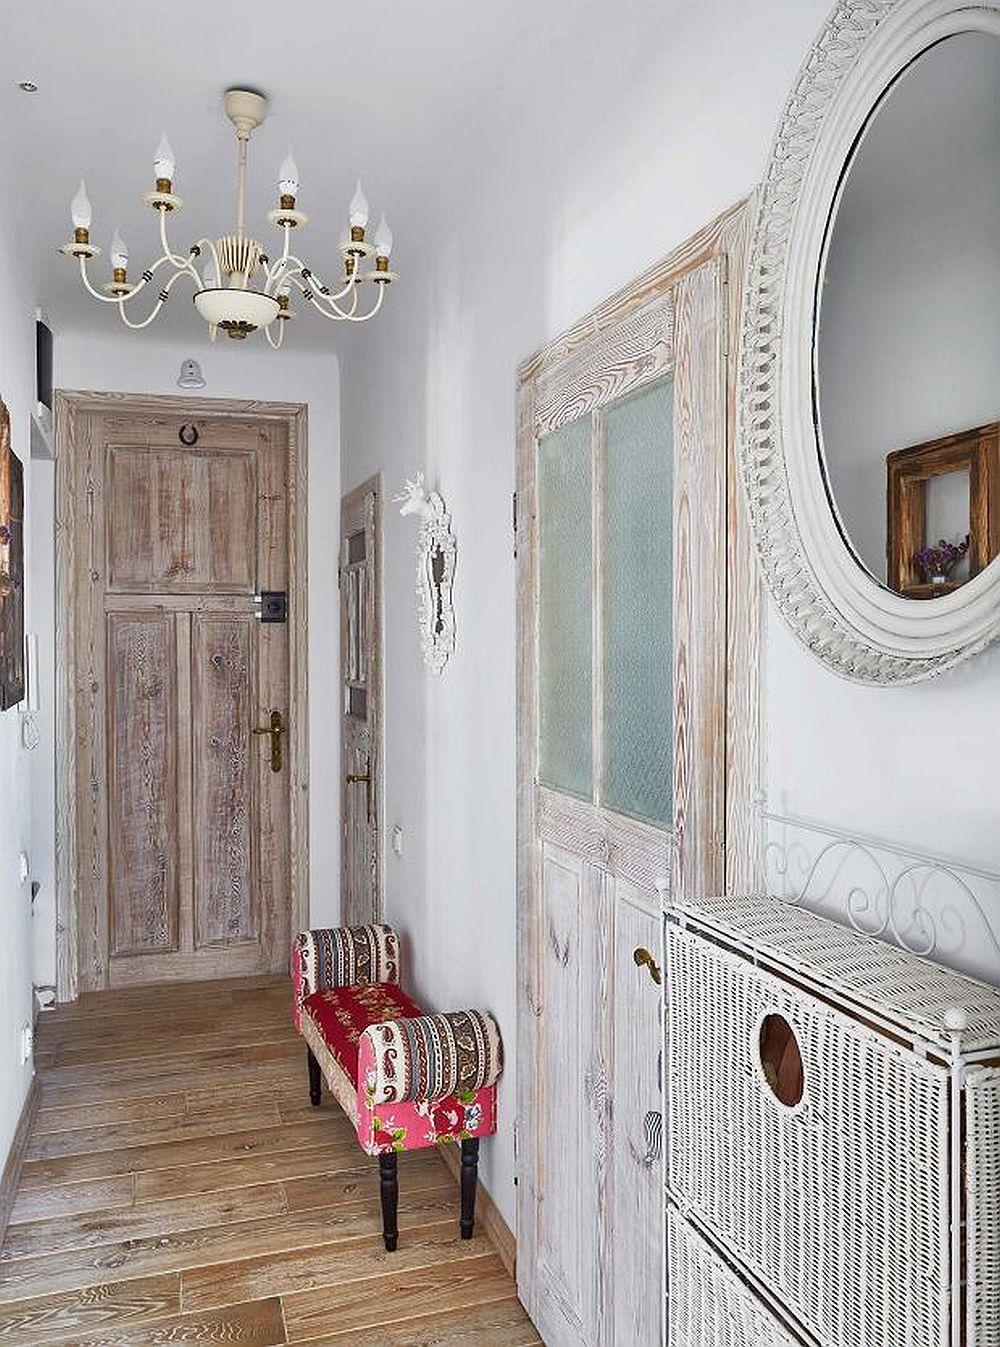 Stilul casei este marcat încă de la intrarea în casă, unde, pentru ușa principală de acces, proprietara a folosit o ușă de lemn recuperată pe care a finisat-o singură să aibă aspect antichizat. Micul taburet tapițat face parte din colecția patchwork de la kika, iar candelabrul și oglinda au fost cumpărate de la piețele de vechituri și recondiționate.